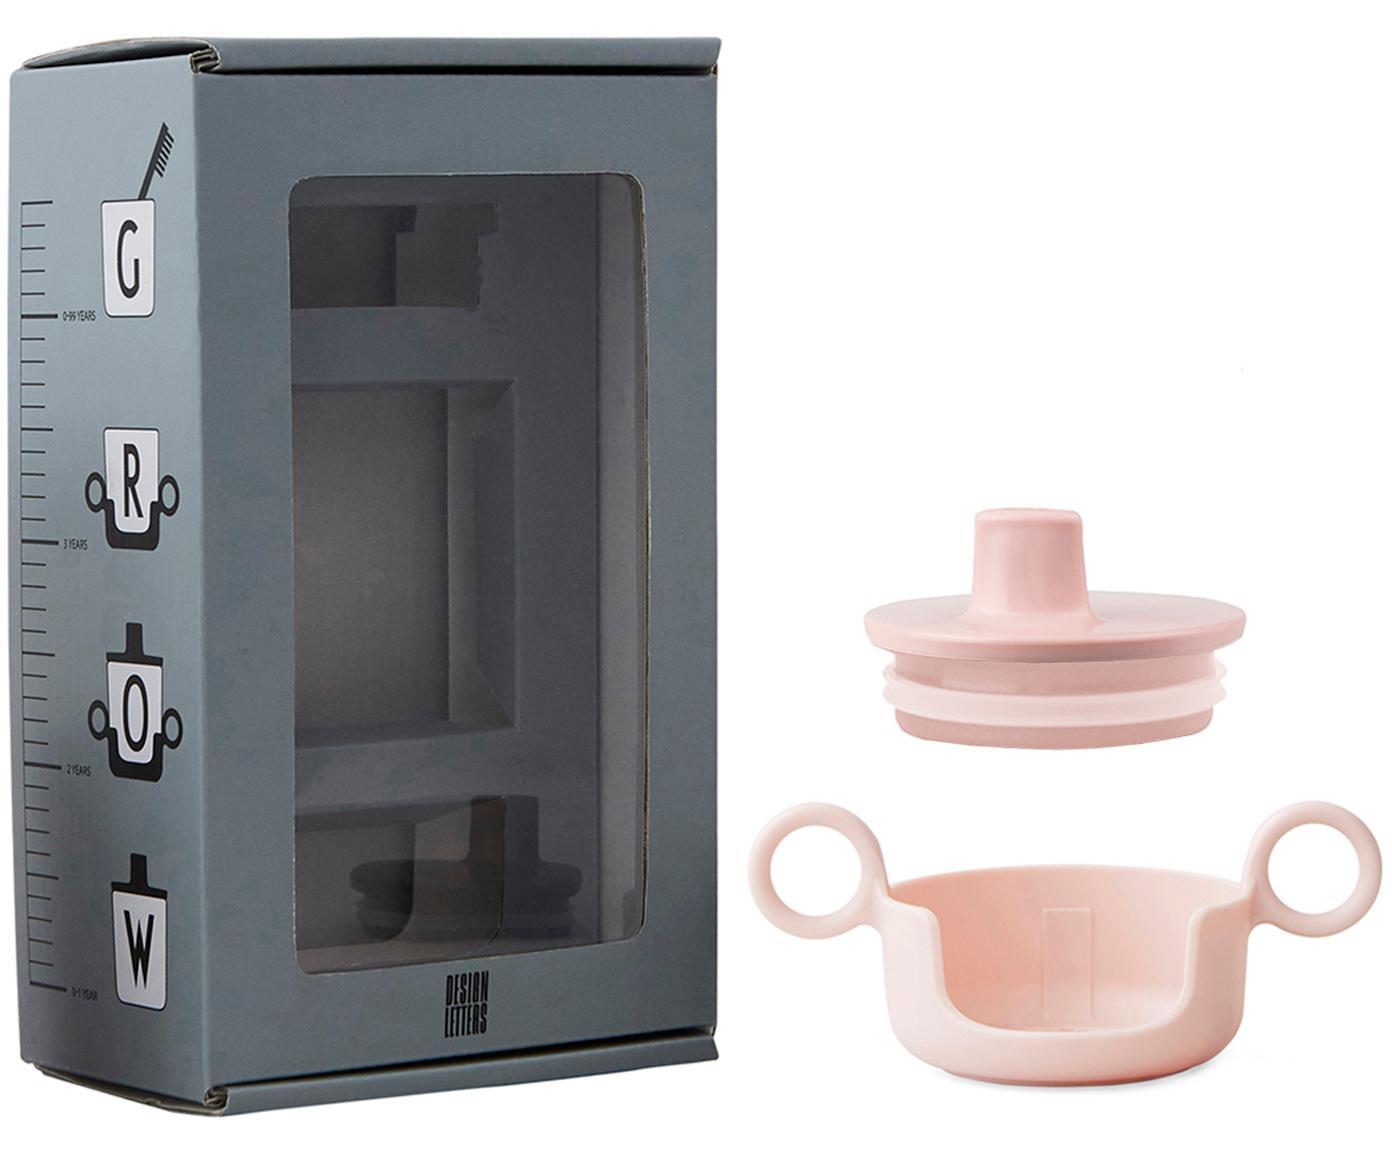 Komplet do picia Grow With Your Cup, 2 elem., Melamina, Blady różowy, S 14 x W 8 cm